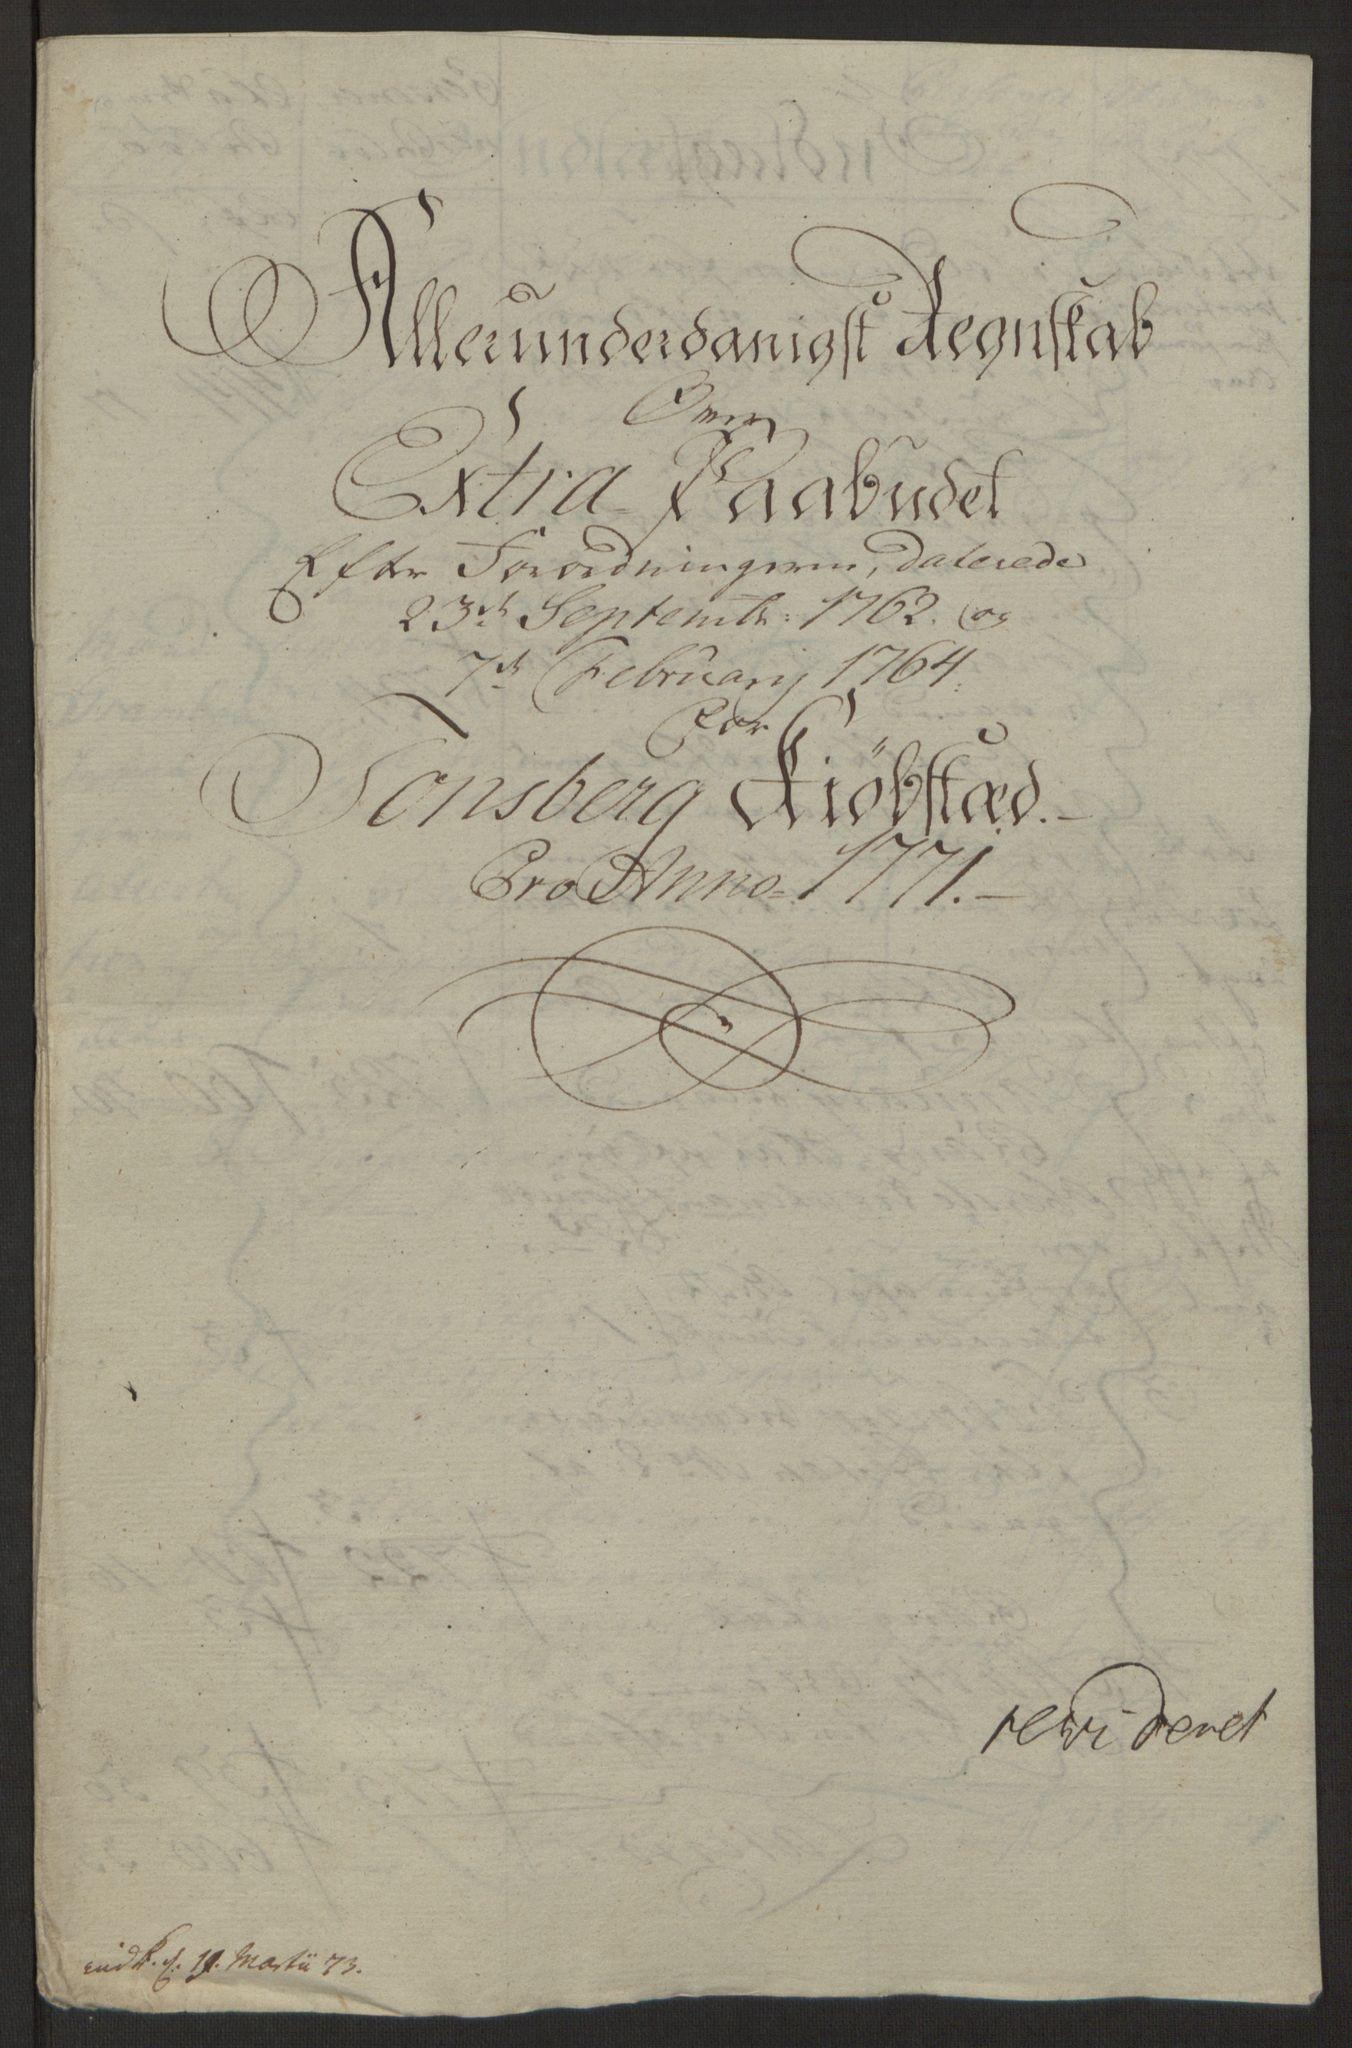 RA, Rentekammeret inntil 1814, Reviderte regnskaper, Byregnskaper, R/Rh/L0162: [H4] Kontribusjonsregnskap, 1762-1772, s. 389